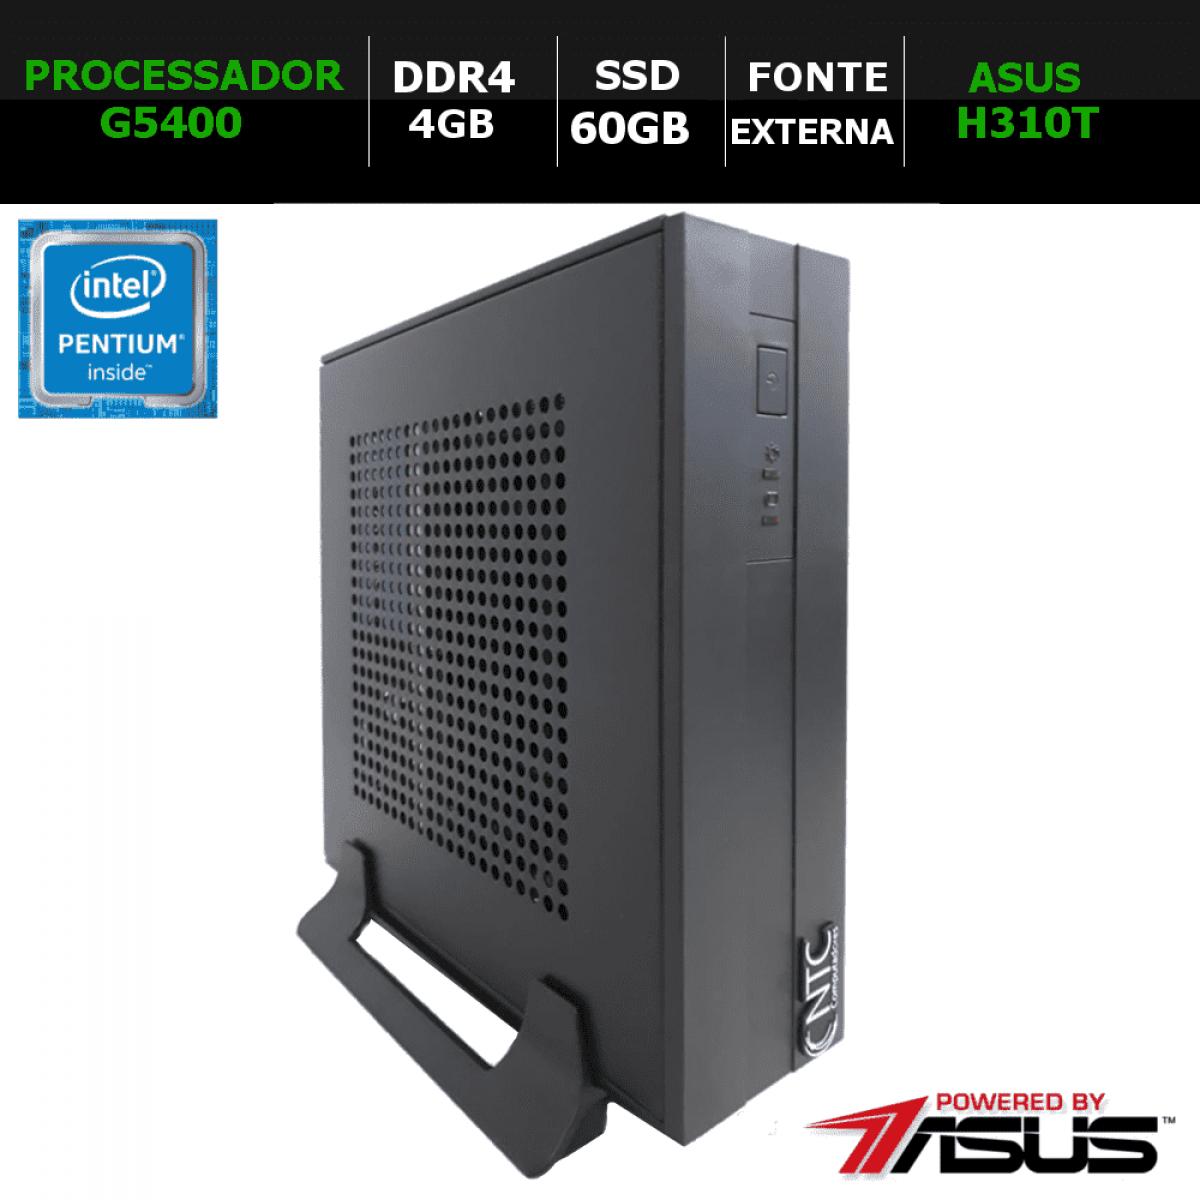 Computador NTC Mini-ITX T-Home Intel Pentium G5400 / 4GB DDR4 / SSD 60GB / Windows 10 Pro